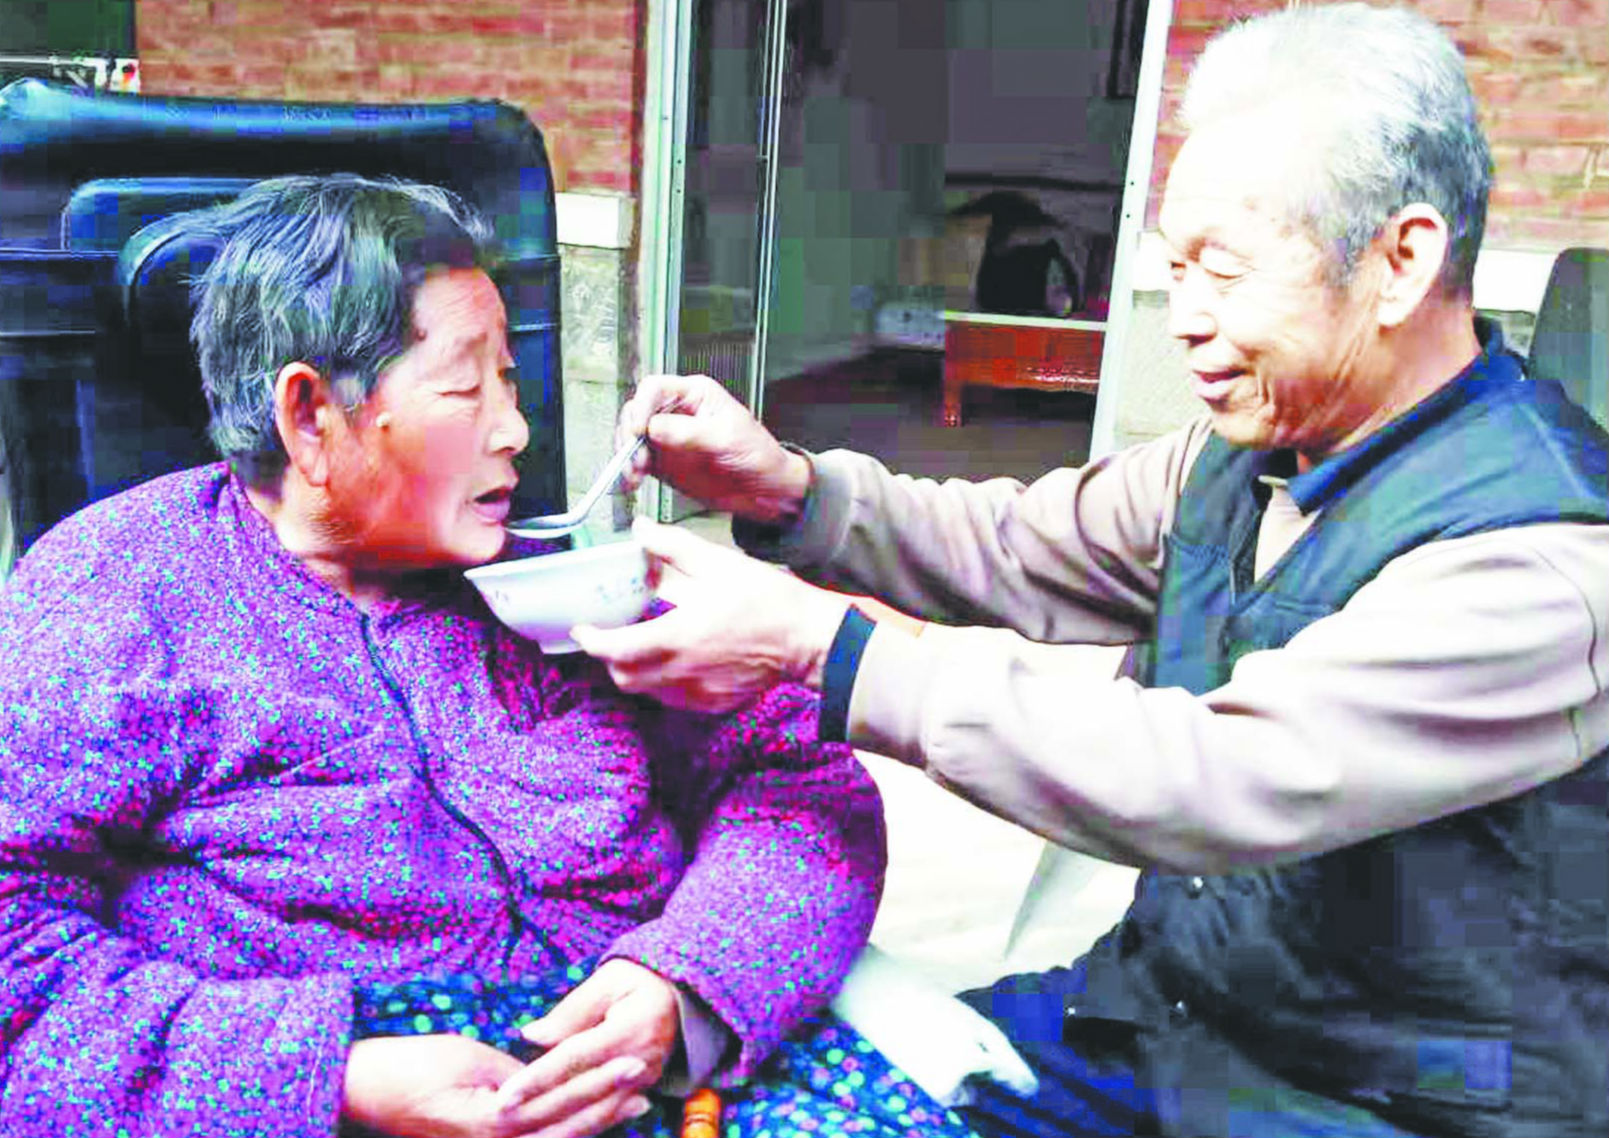 淄博八旬老人照顾患病妻子30载 洗衣做饭针线活样样行